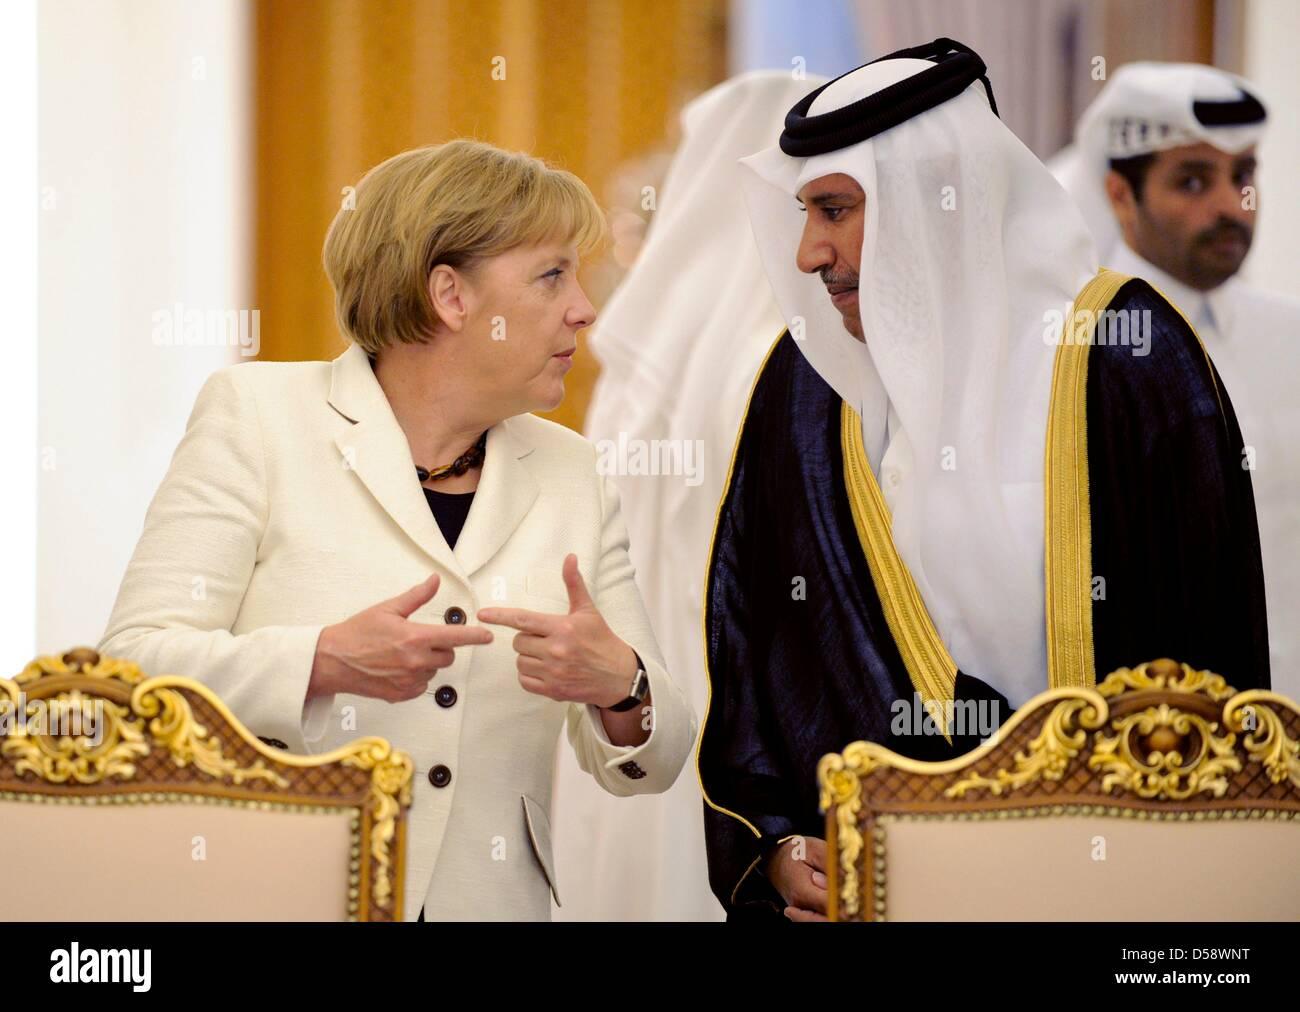 WIEDERHOLUNGINBESSERERQUALITÄT - Bundeskanzlerin Angela Merkel (CDU) und der Premierminister - Stock Image